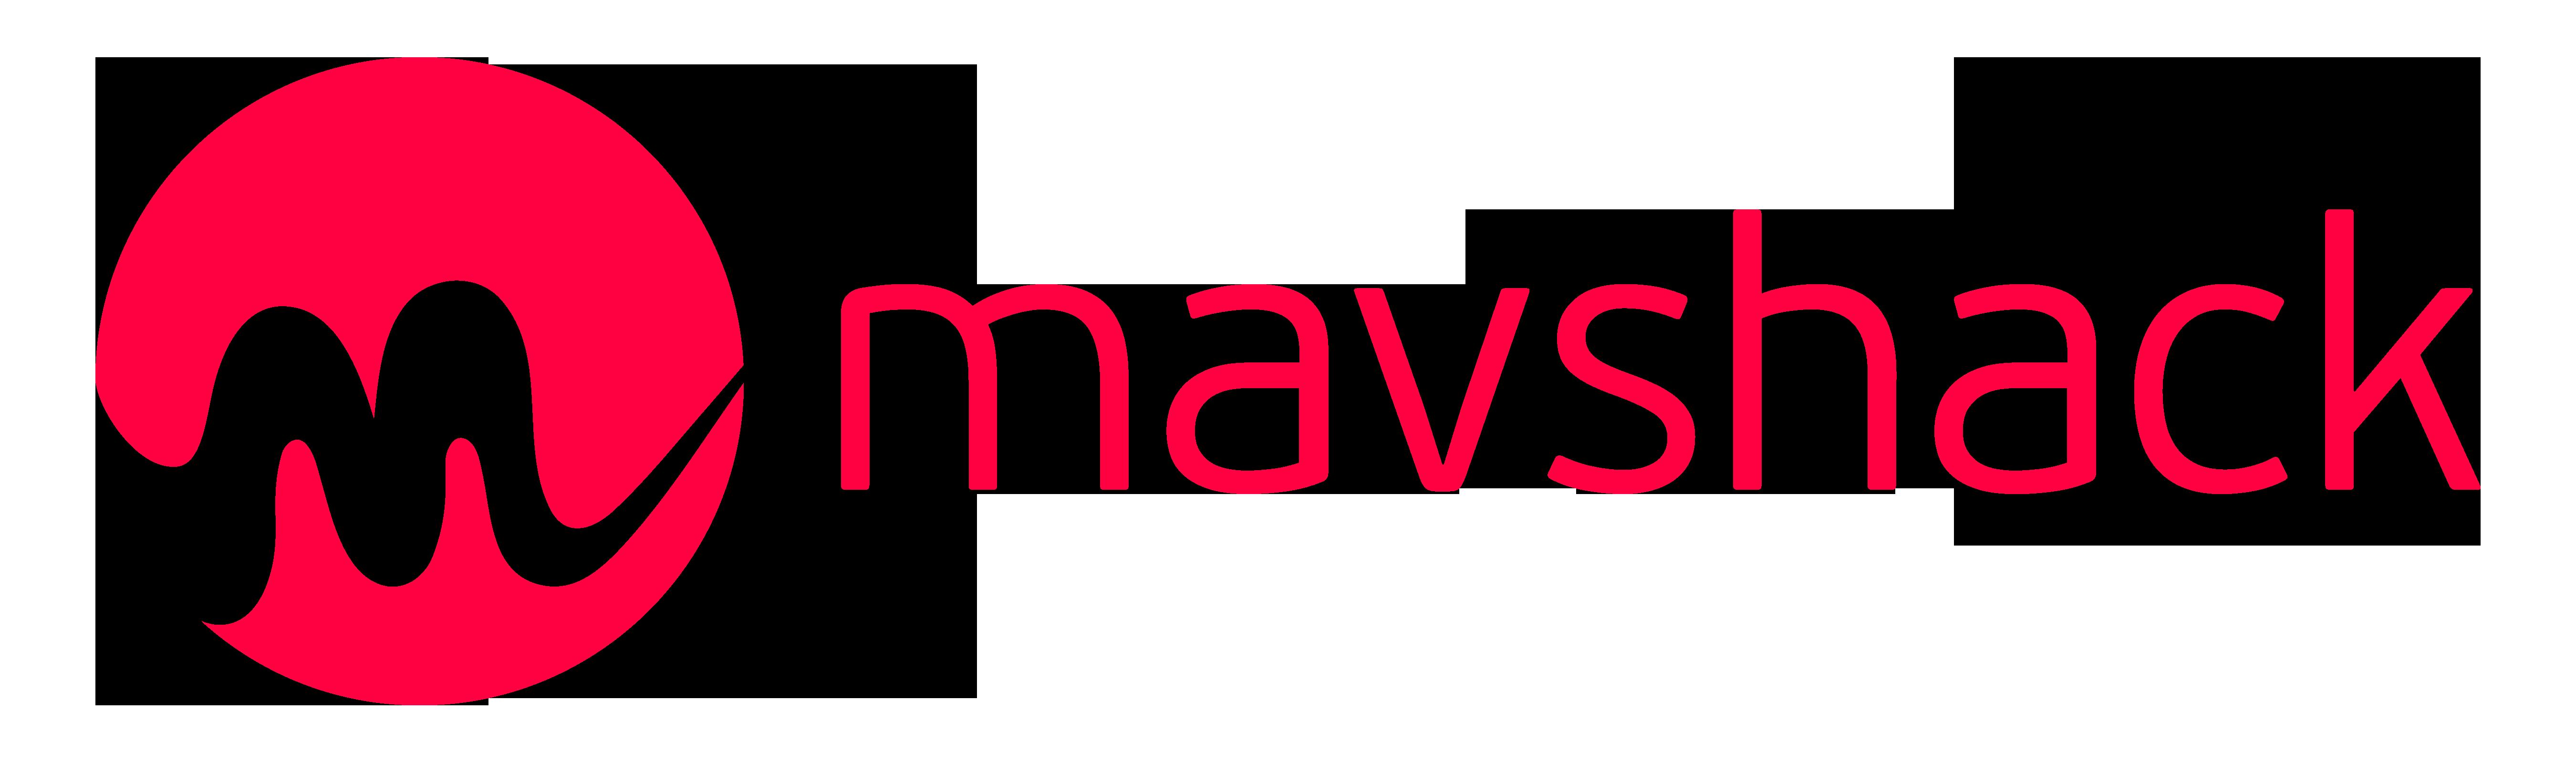 Mavshack, logotyp